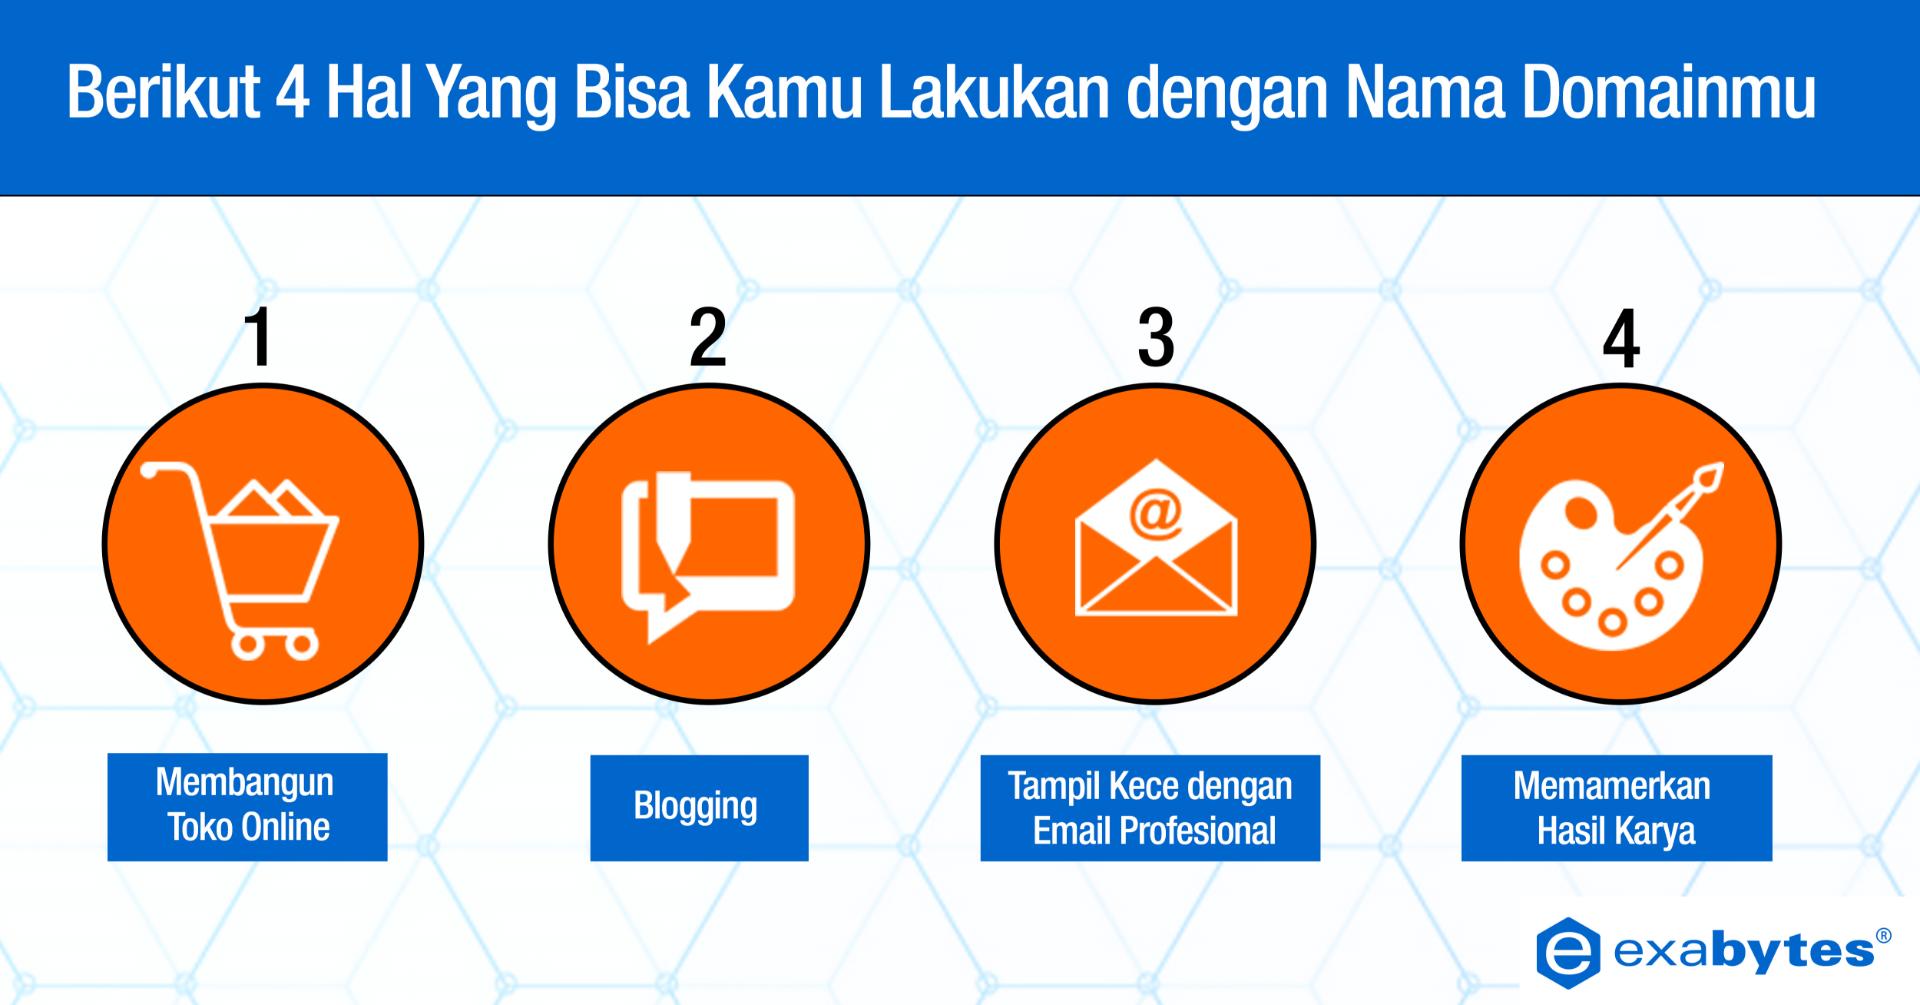 Berikut 4 Hal Yang Bisa Kamu Lakukan dengan Nama Domainmu